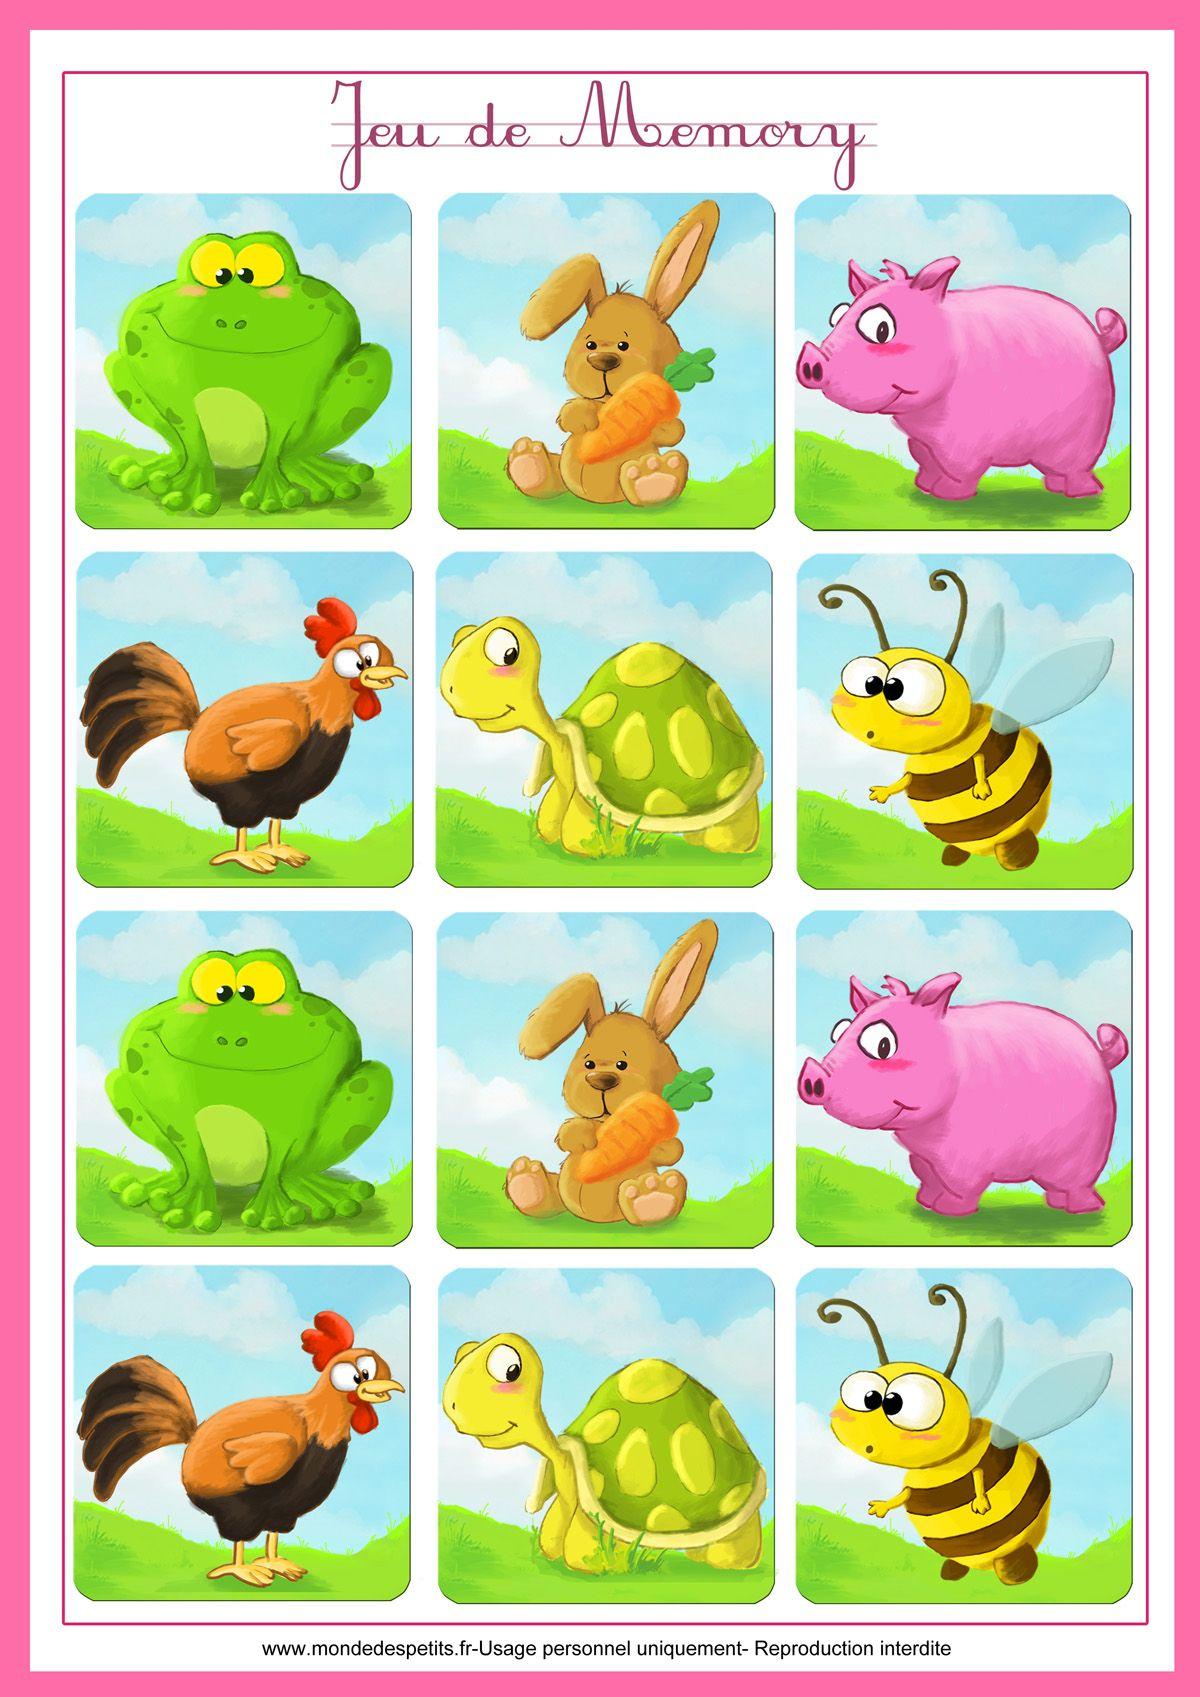 Jeu-Memory-Animaux-Imprimer 1 200×1 697 Пикс | Jeu De serapportantà Jeux De Memoire Enfant